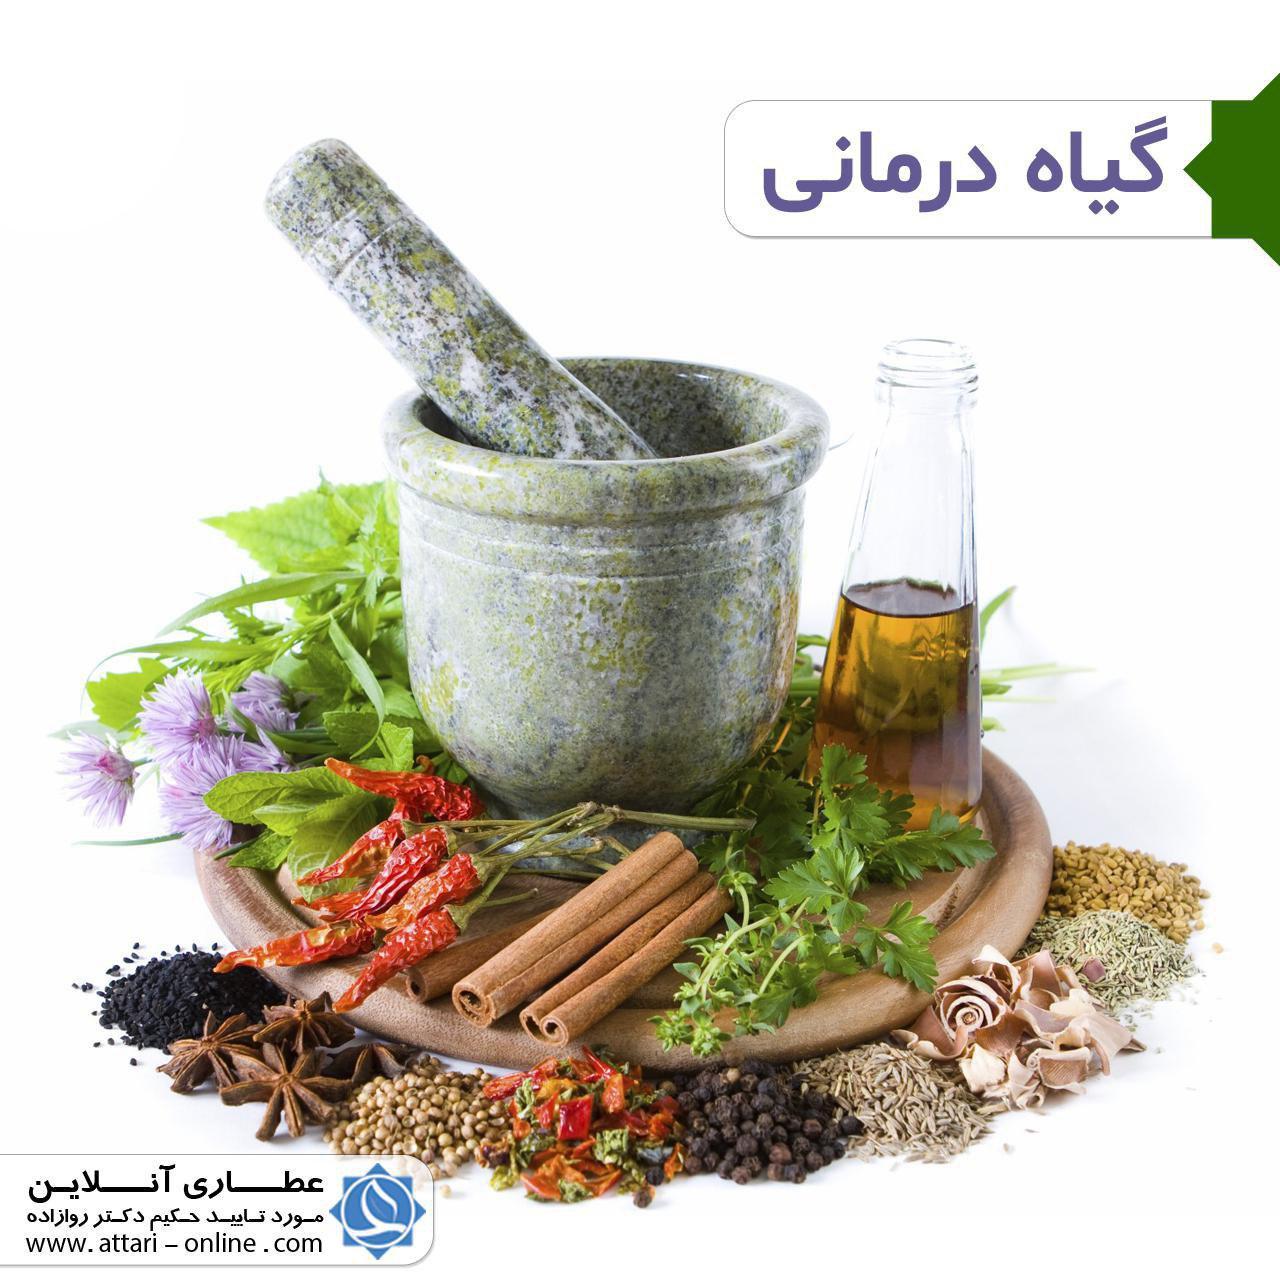 photo 2018 09 22 16 44 52 گیاه درمانی و سایر درمان ها در طب سنتی